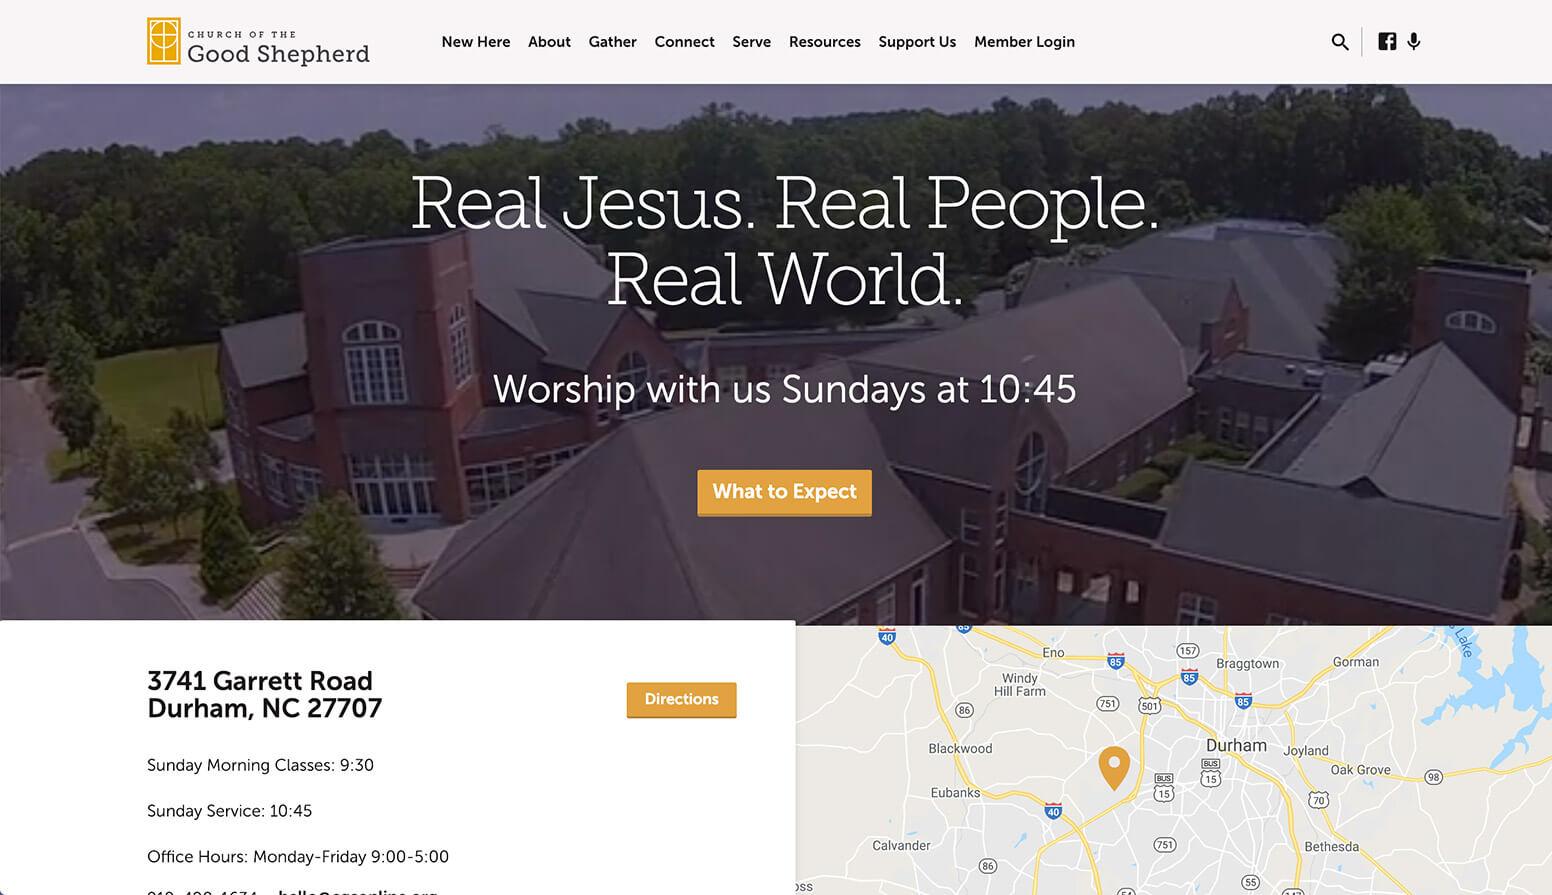 church website example - weblium